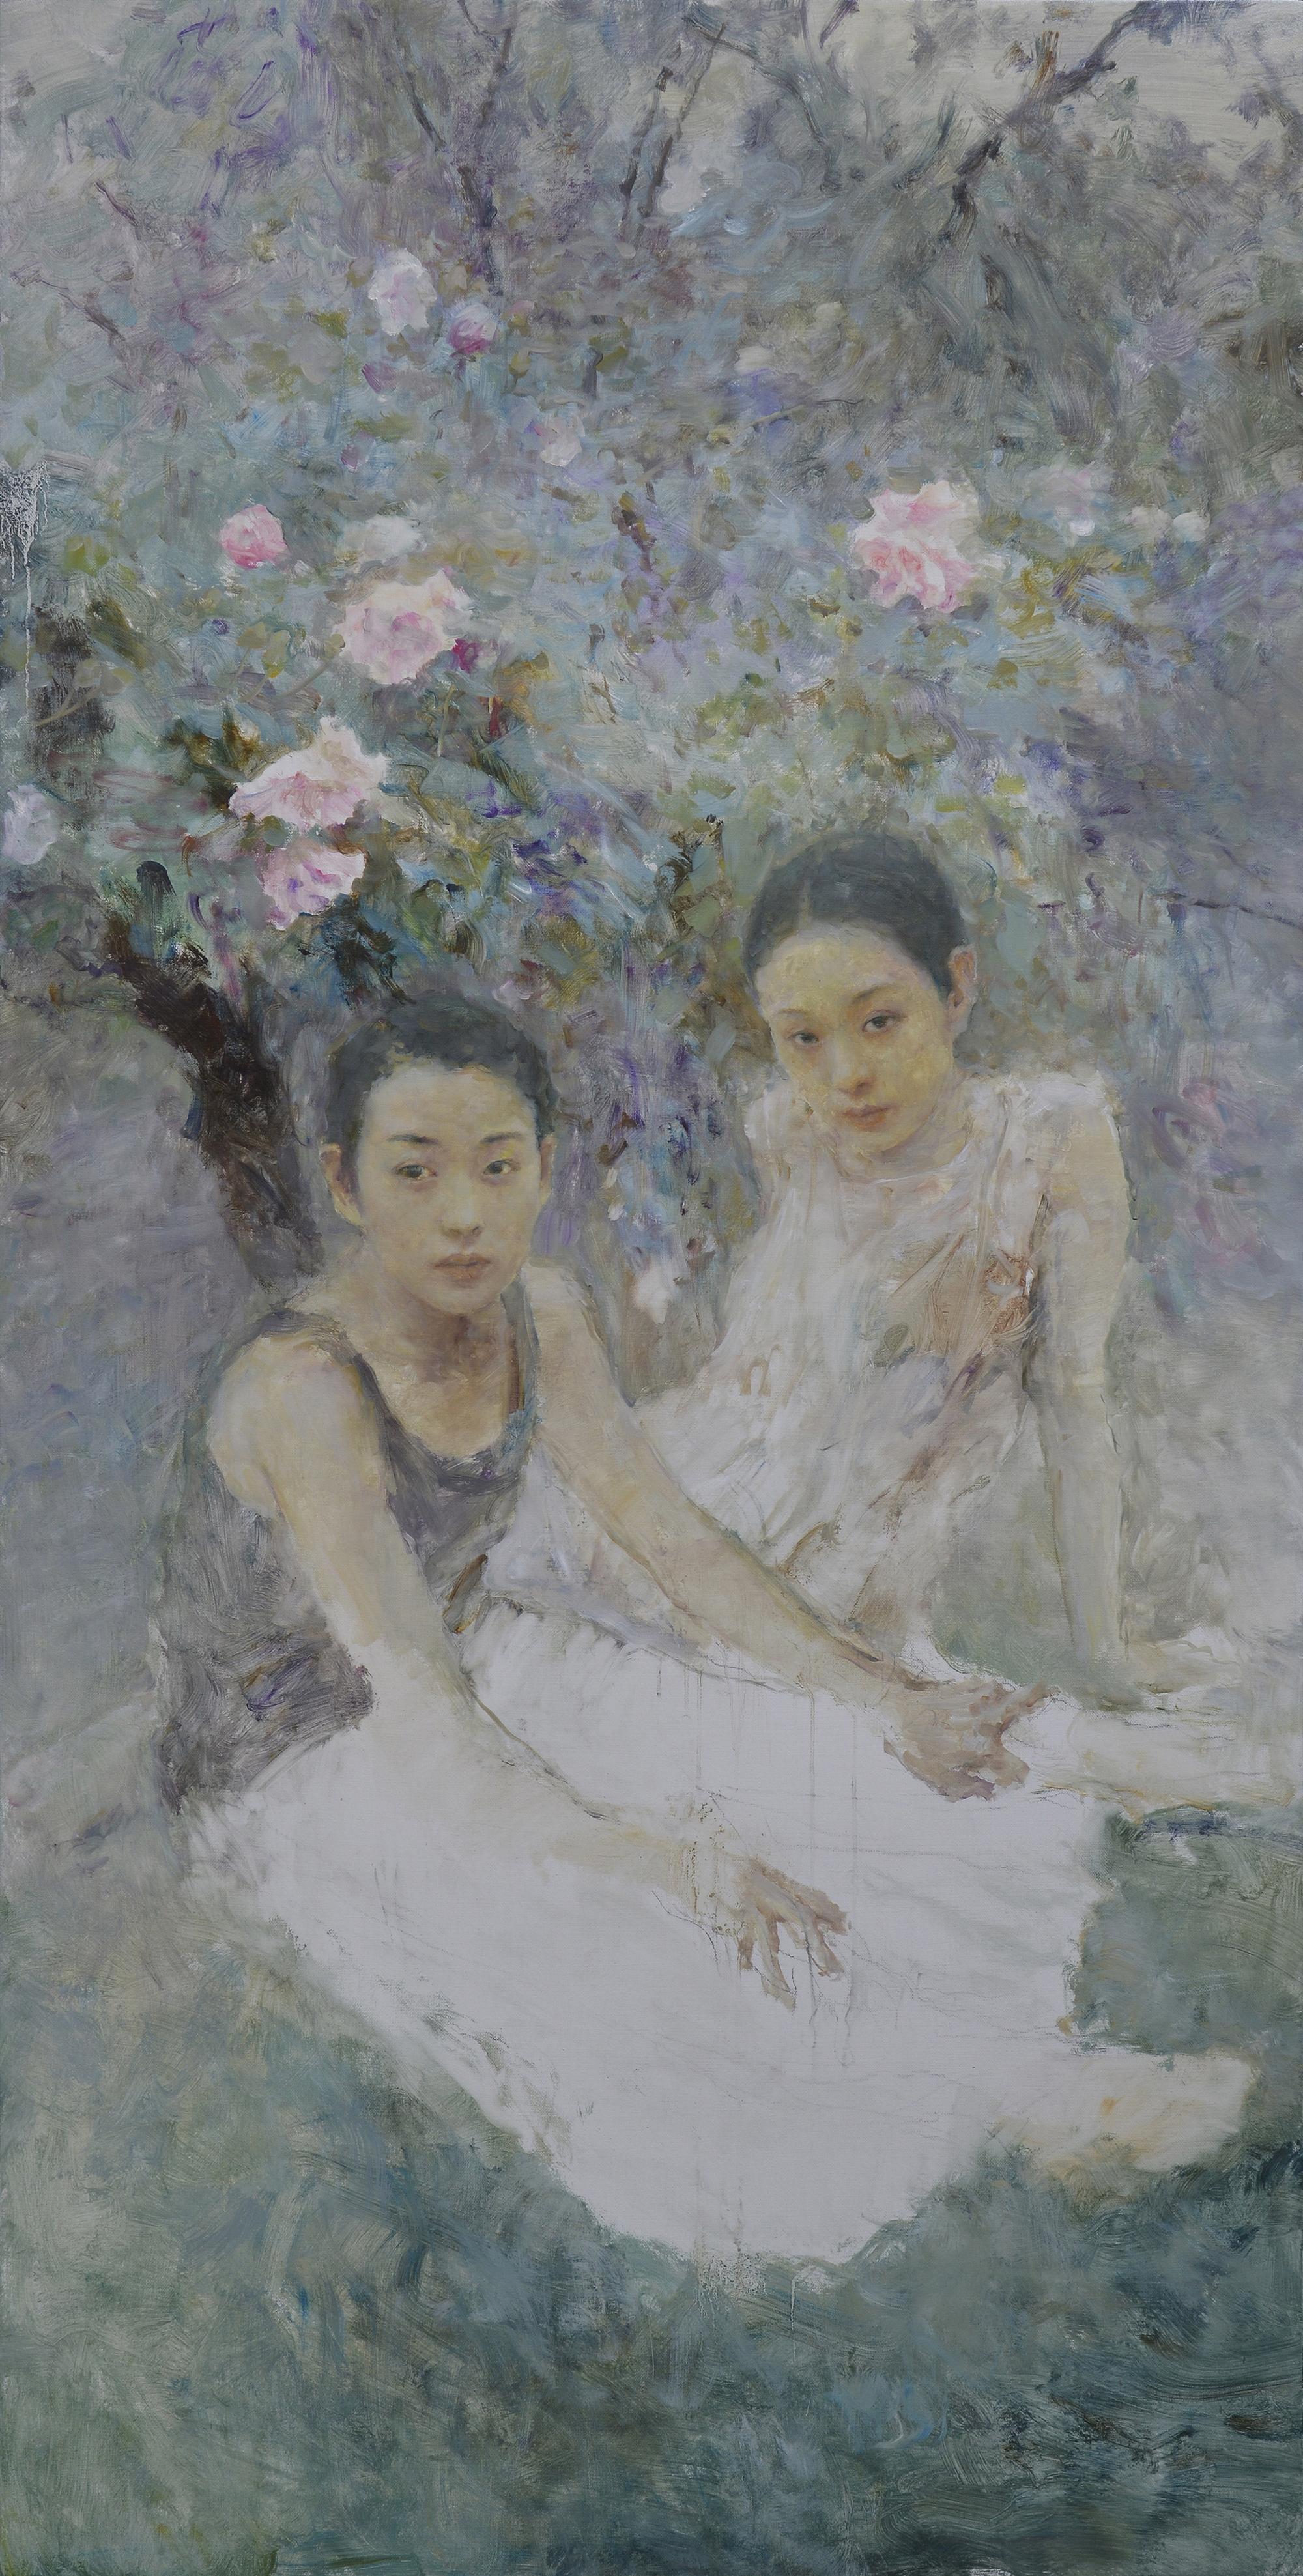 Blooming Season by Hu Jun Di